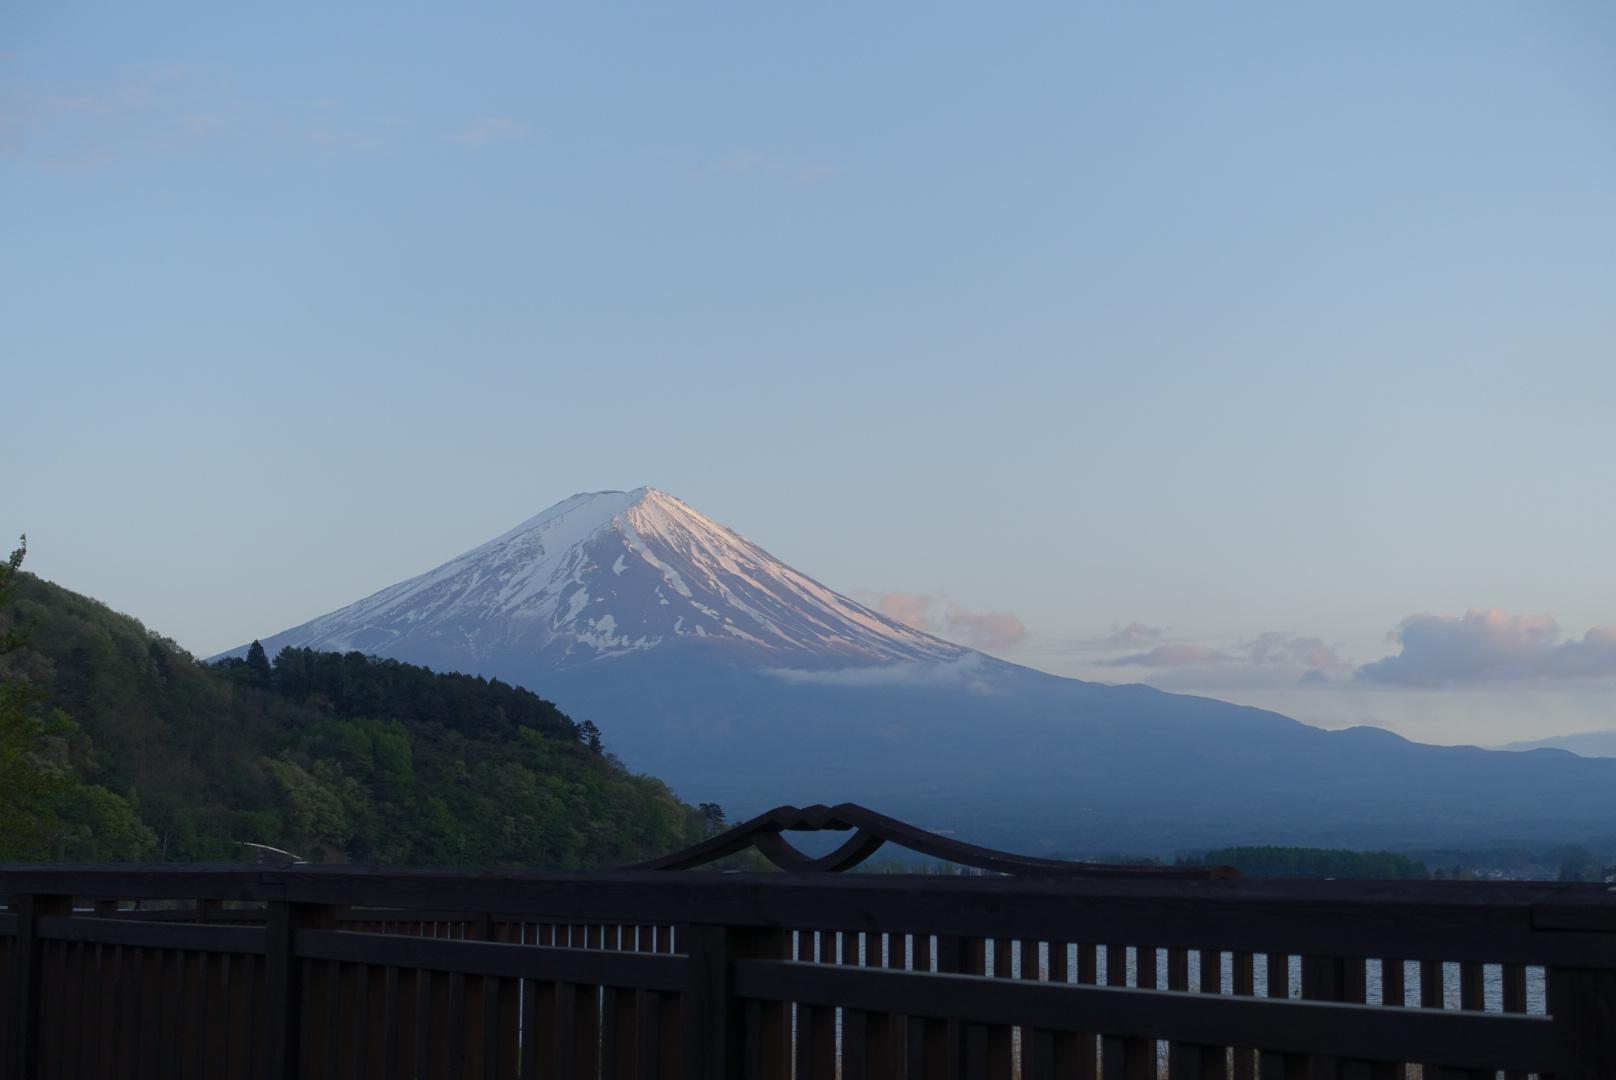 富士山の写真、夕暮れ時